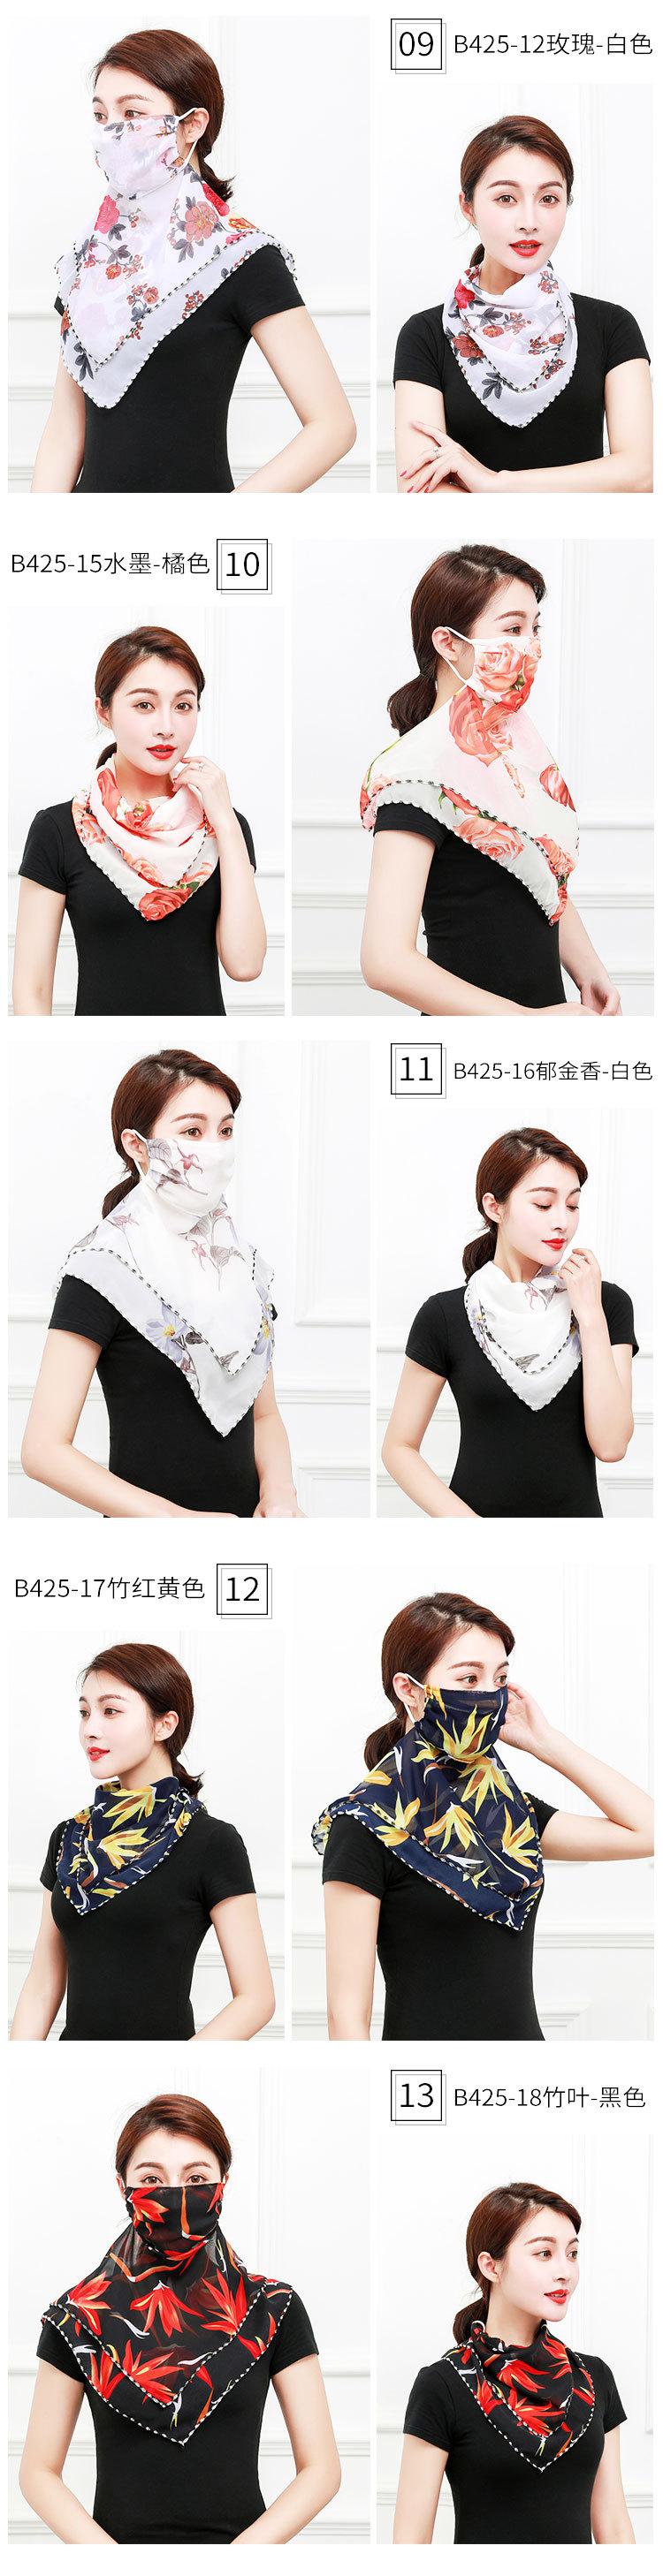 口罩丝巾_04